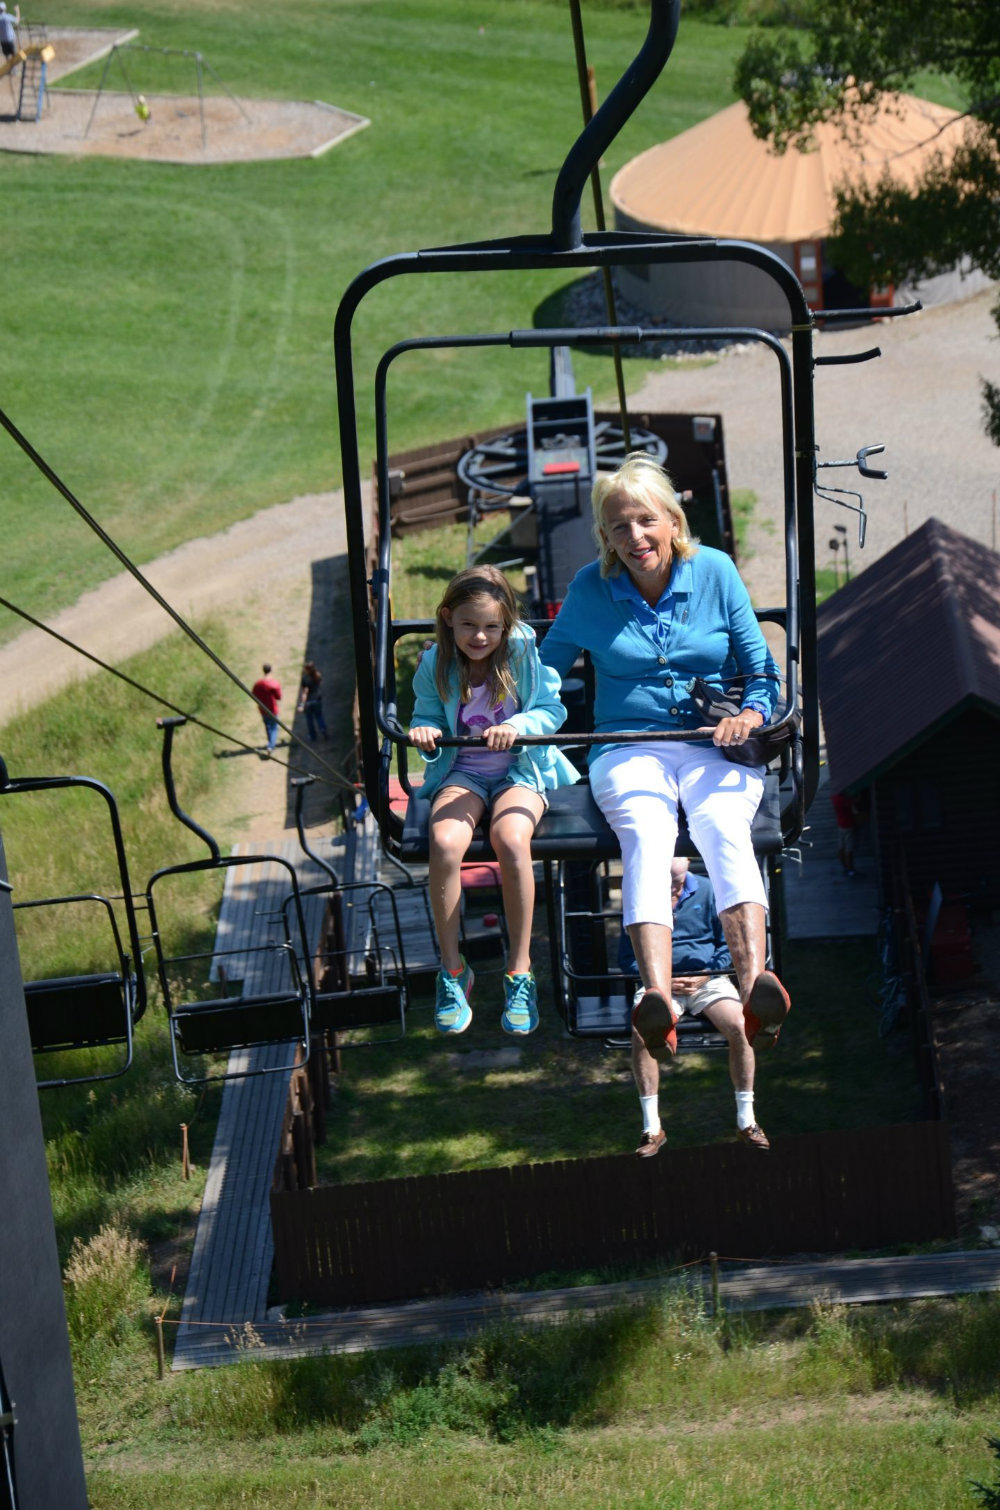 chairlift-alpine-slide-steamboat-springs-